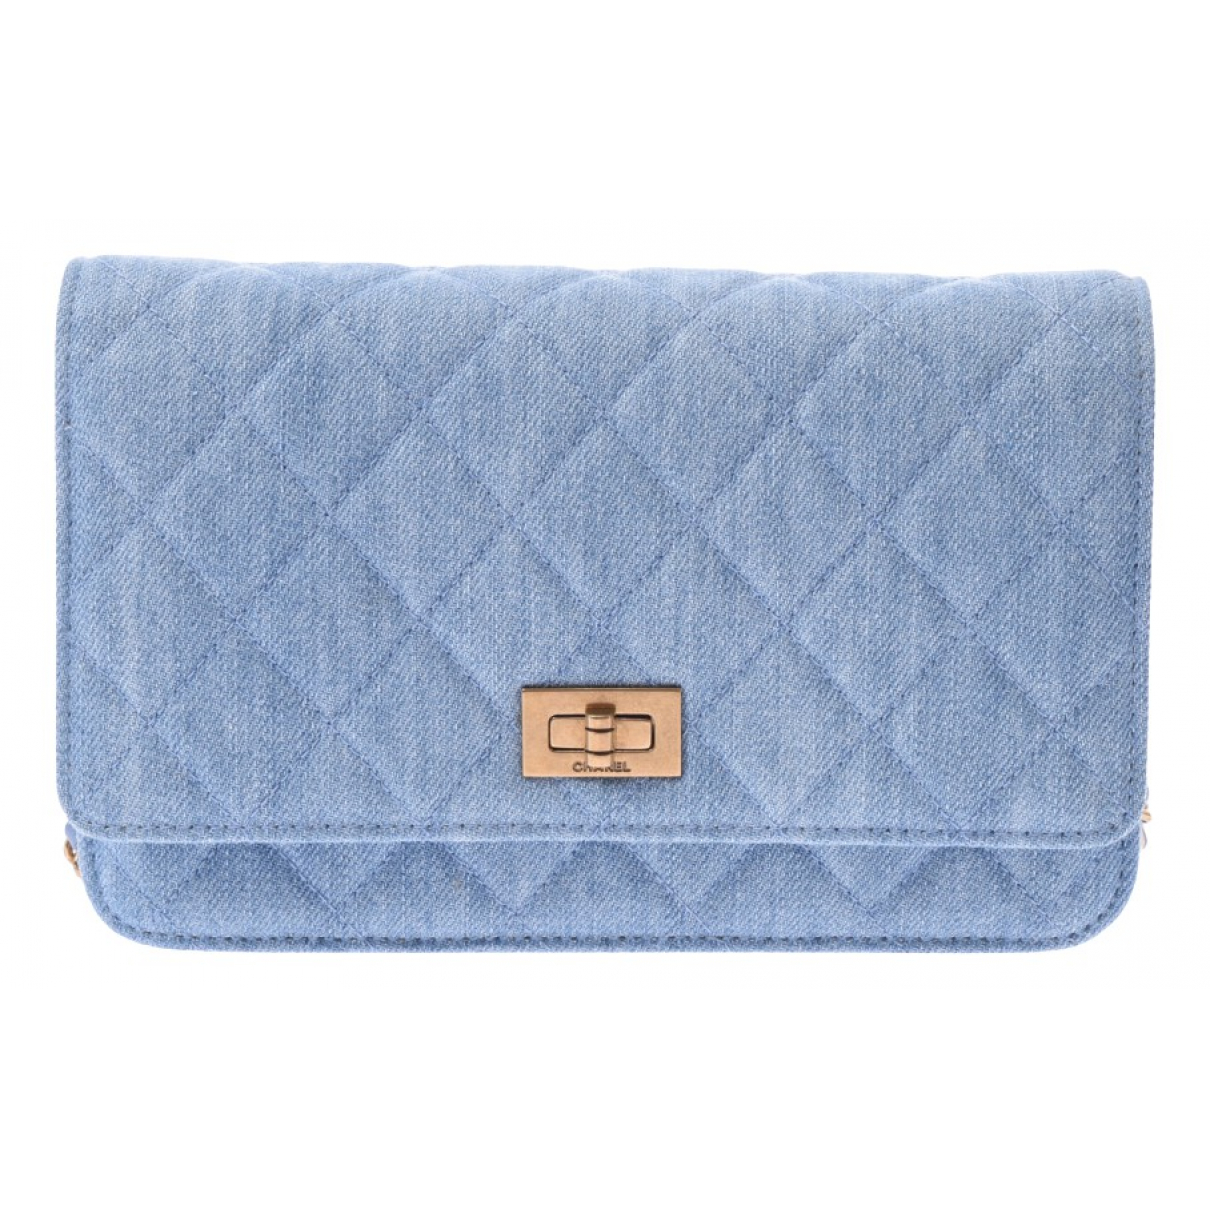 Chanel 2.55 Blue Denim - Jeans wallet for Women \N